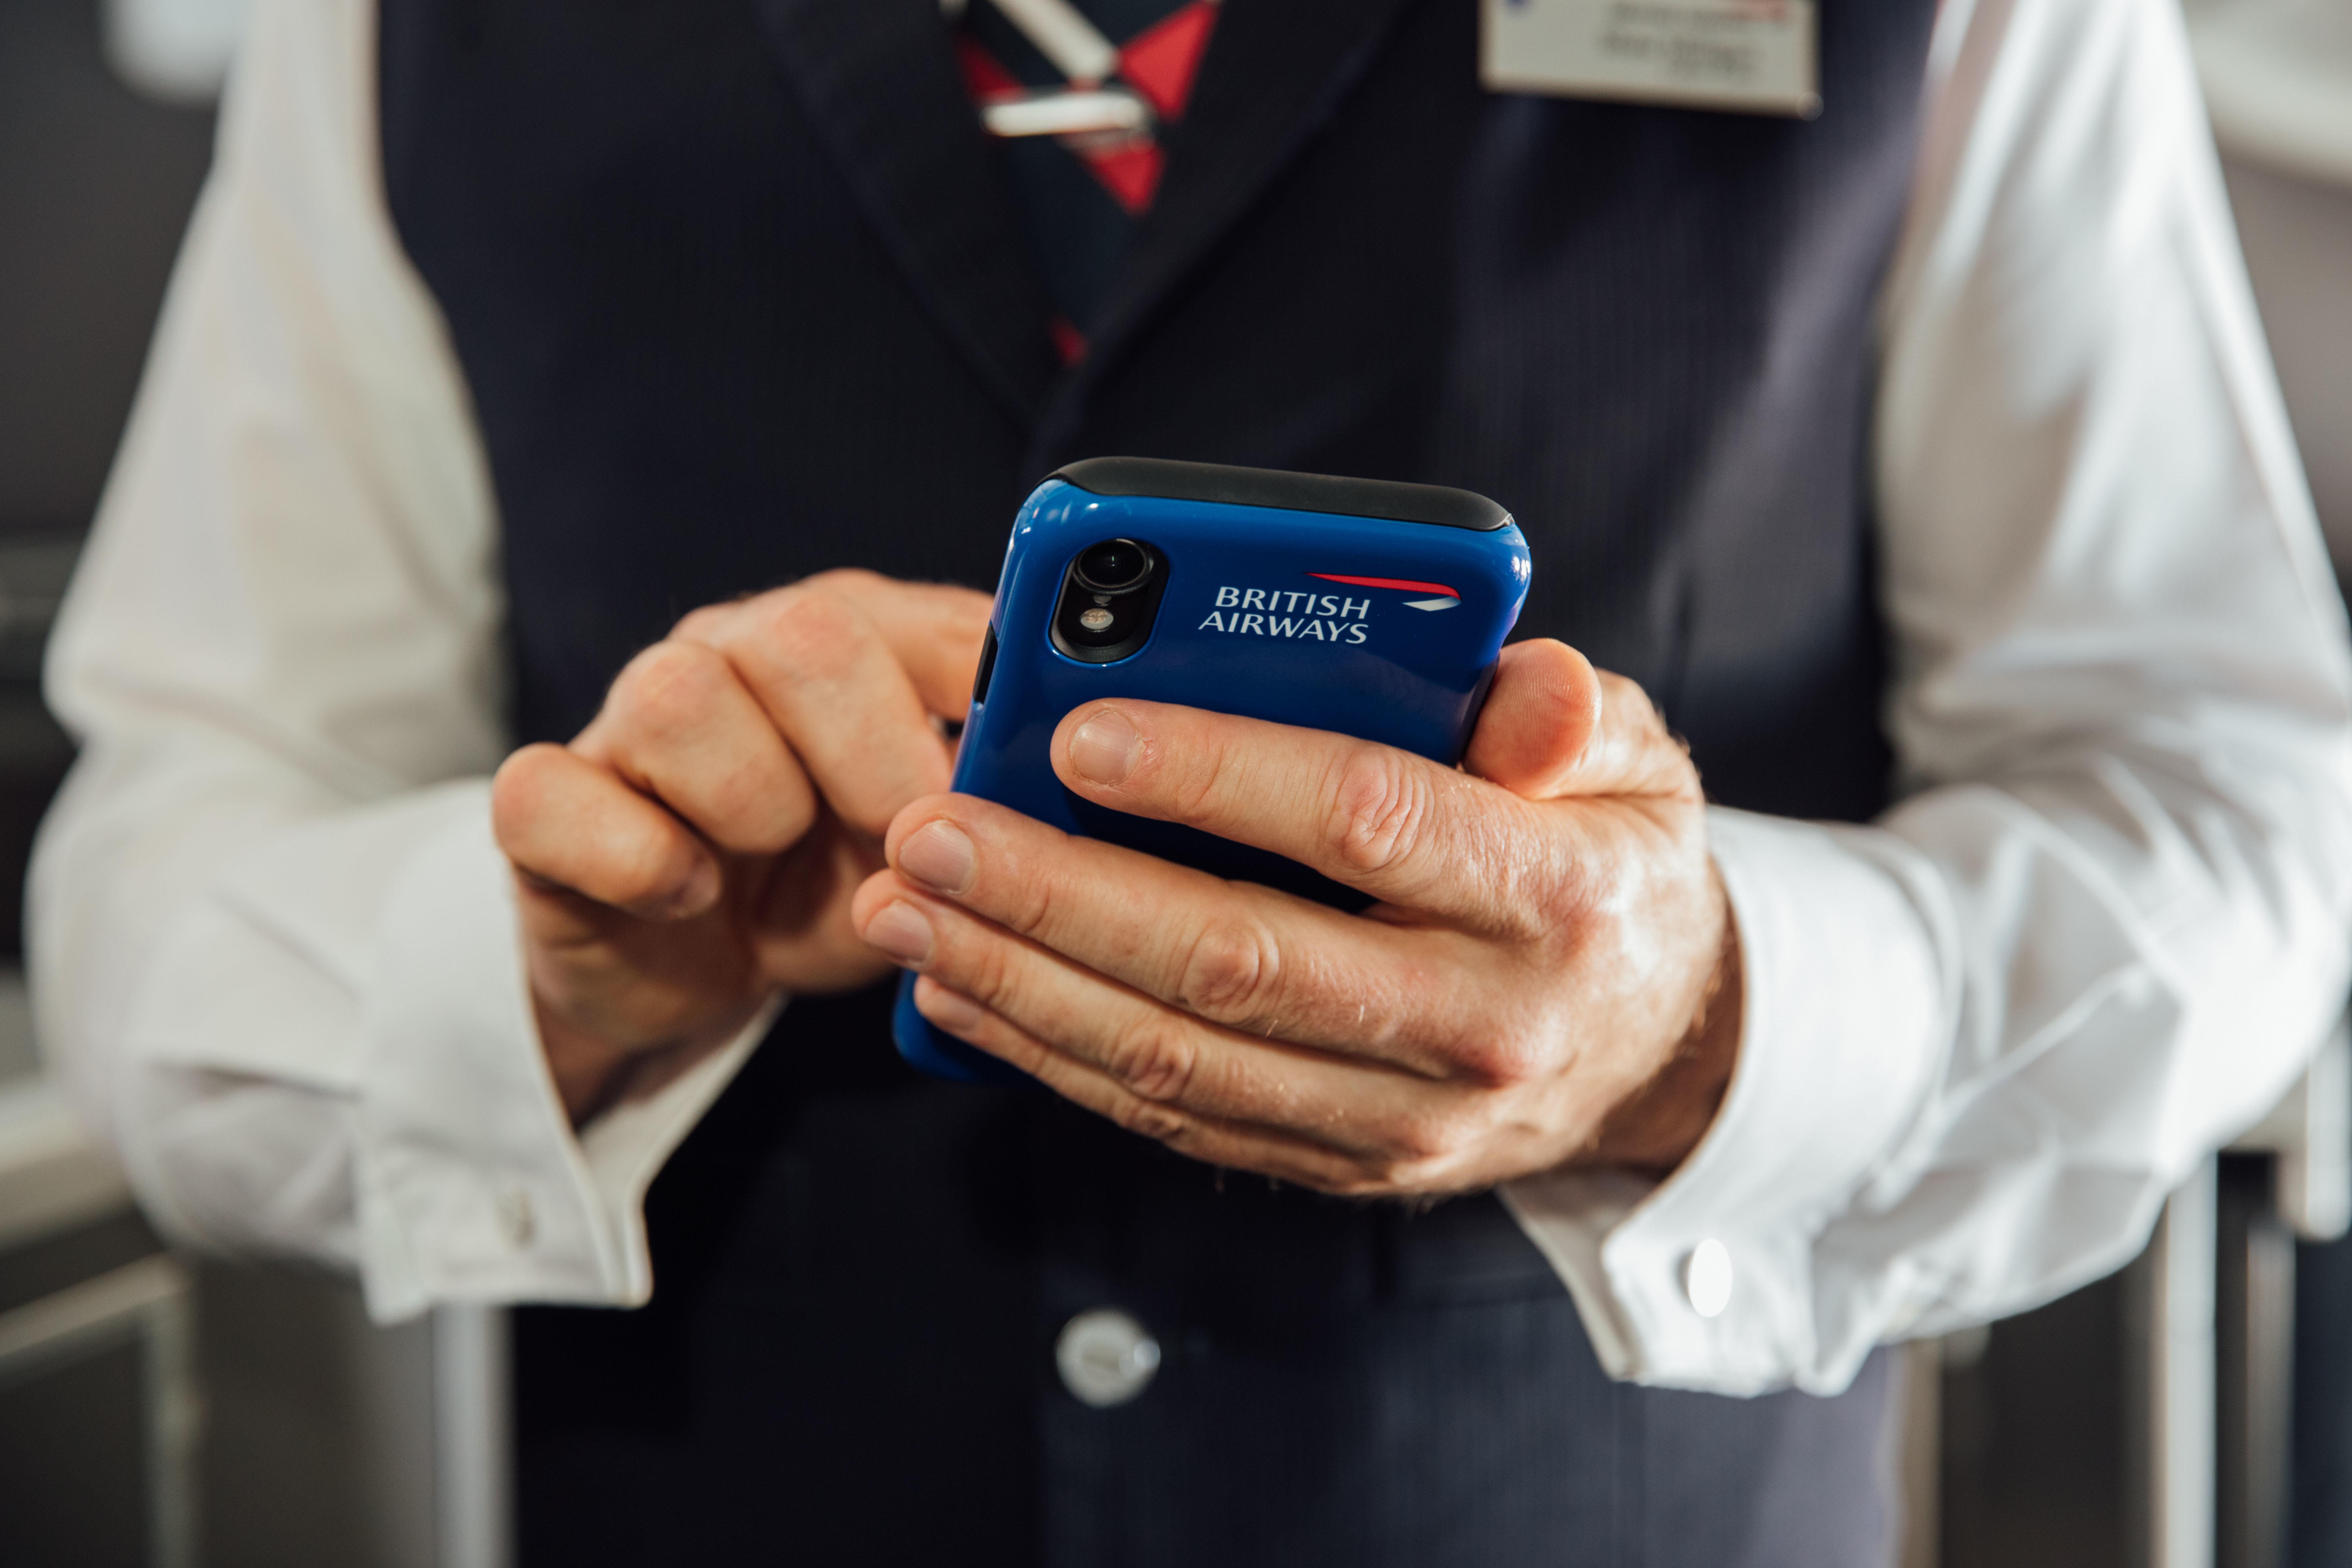 De 15.000 besætningsmedlemmer hos British Airways udstyres nu med hver deres egen iPhone, der skal være med til at forbedre rejseoplevelsen for passagerer med behov for ekstra hjælp. Pressefoto fra British Airways, Nick Morrish.